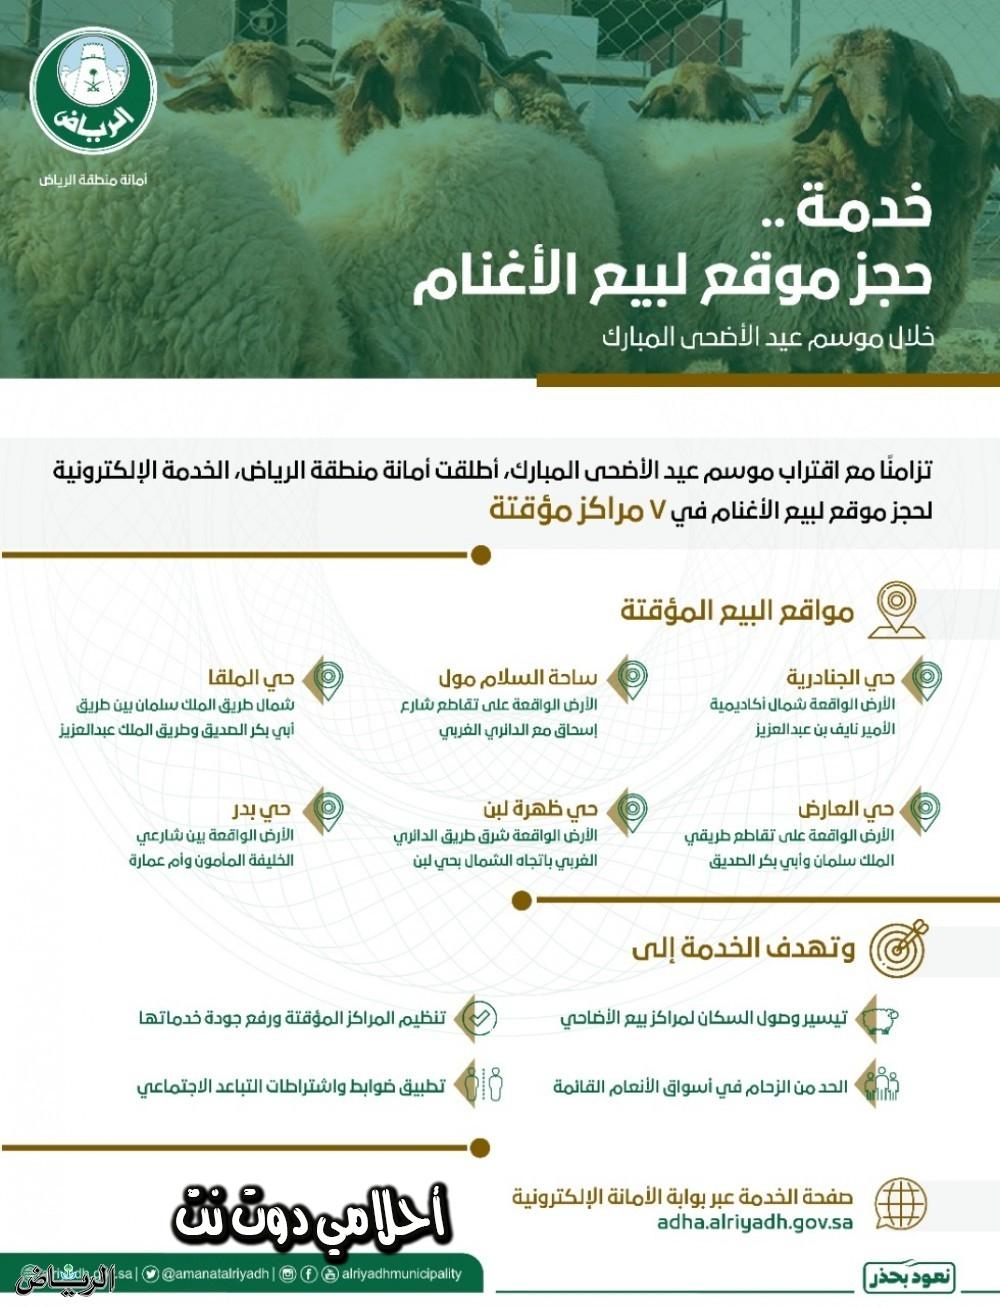 (رابط) موقع لحجز مواقع بيع الاغنام في مدينة الرياض لعيد الاضحى المبارك لعام 2020 / 1441 هـ